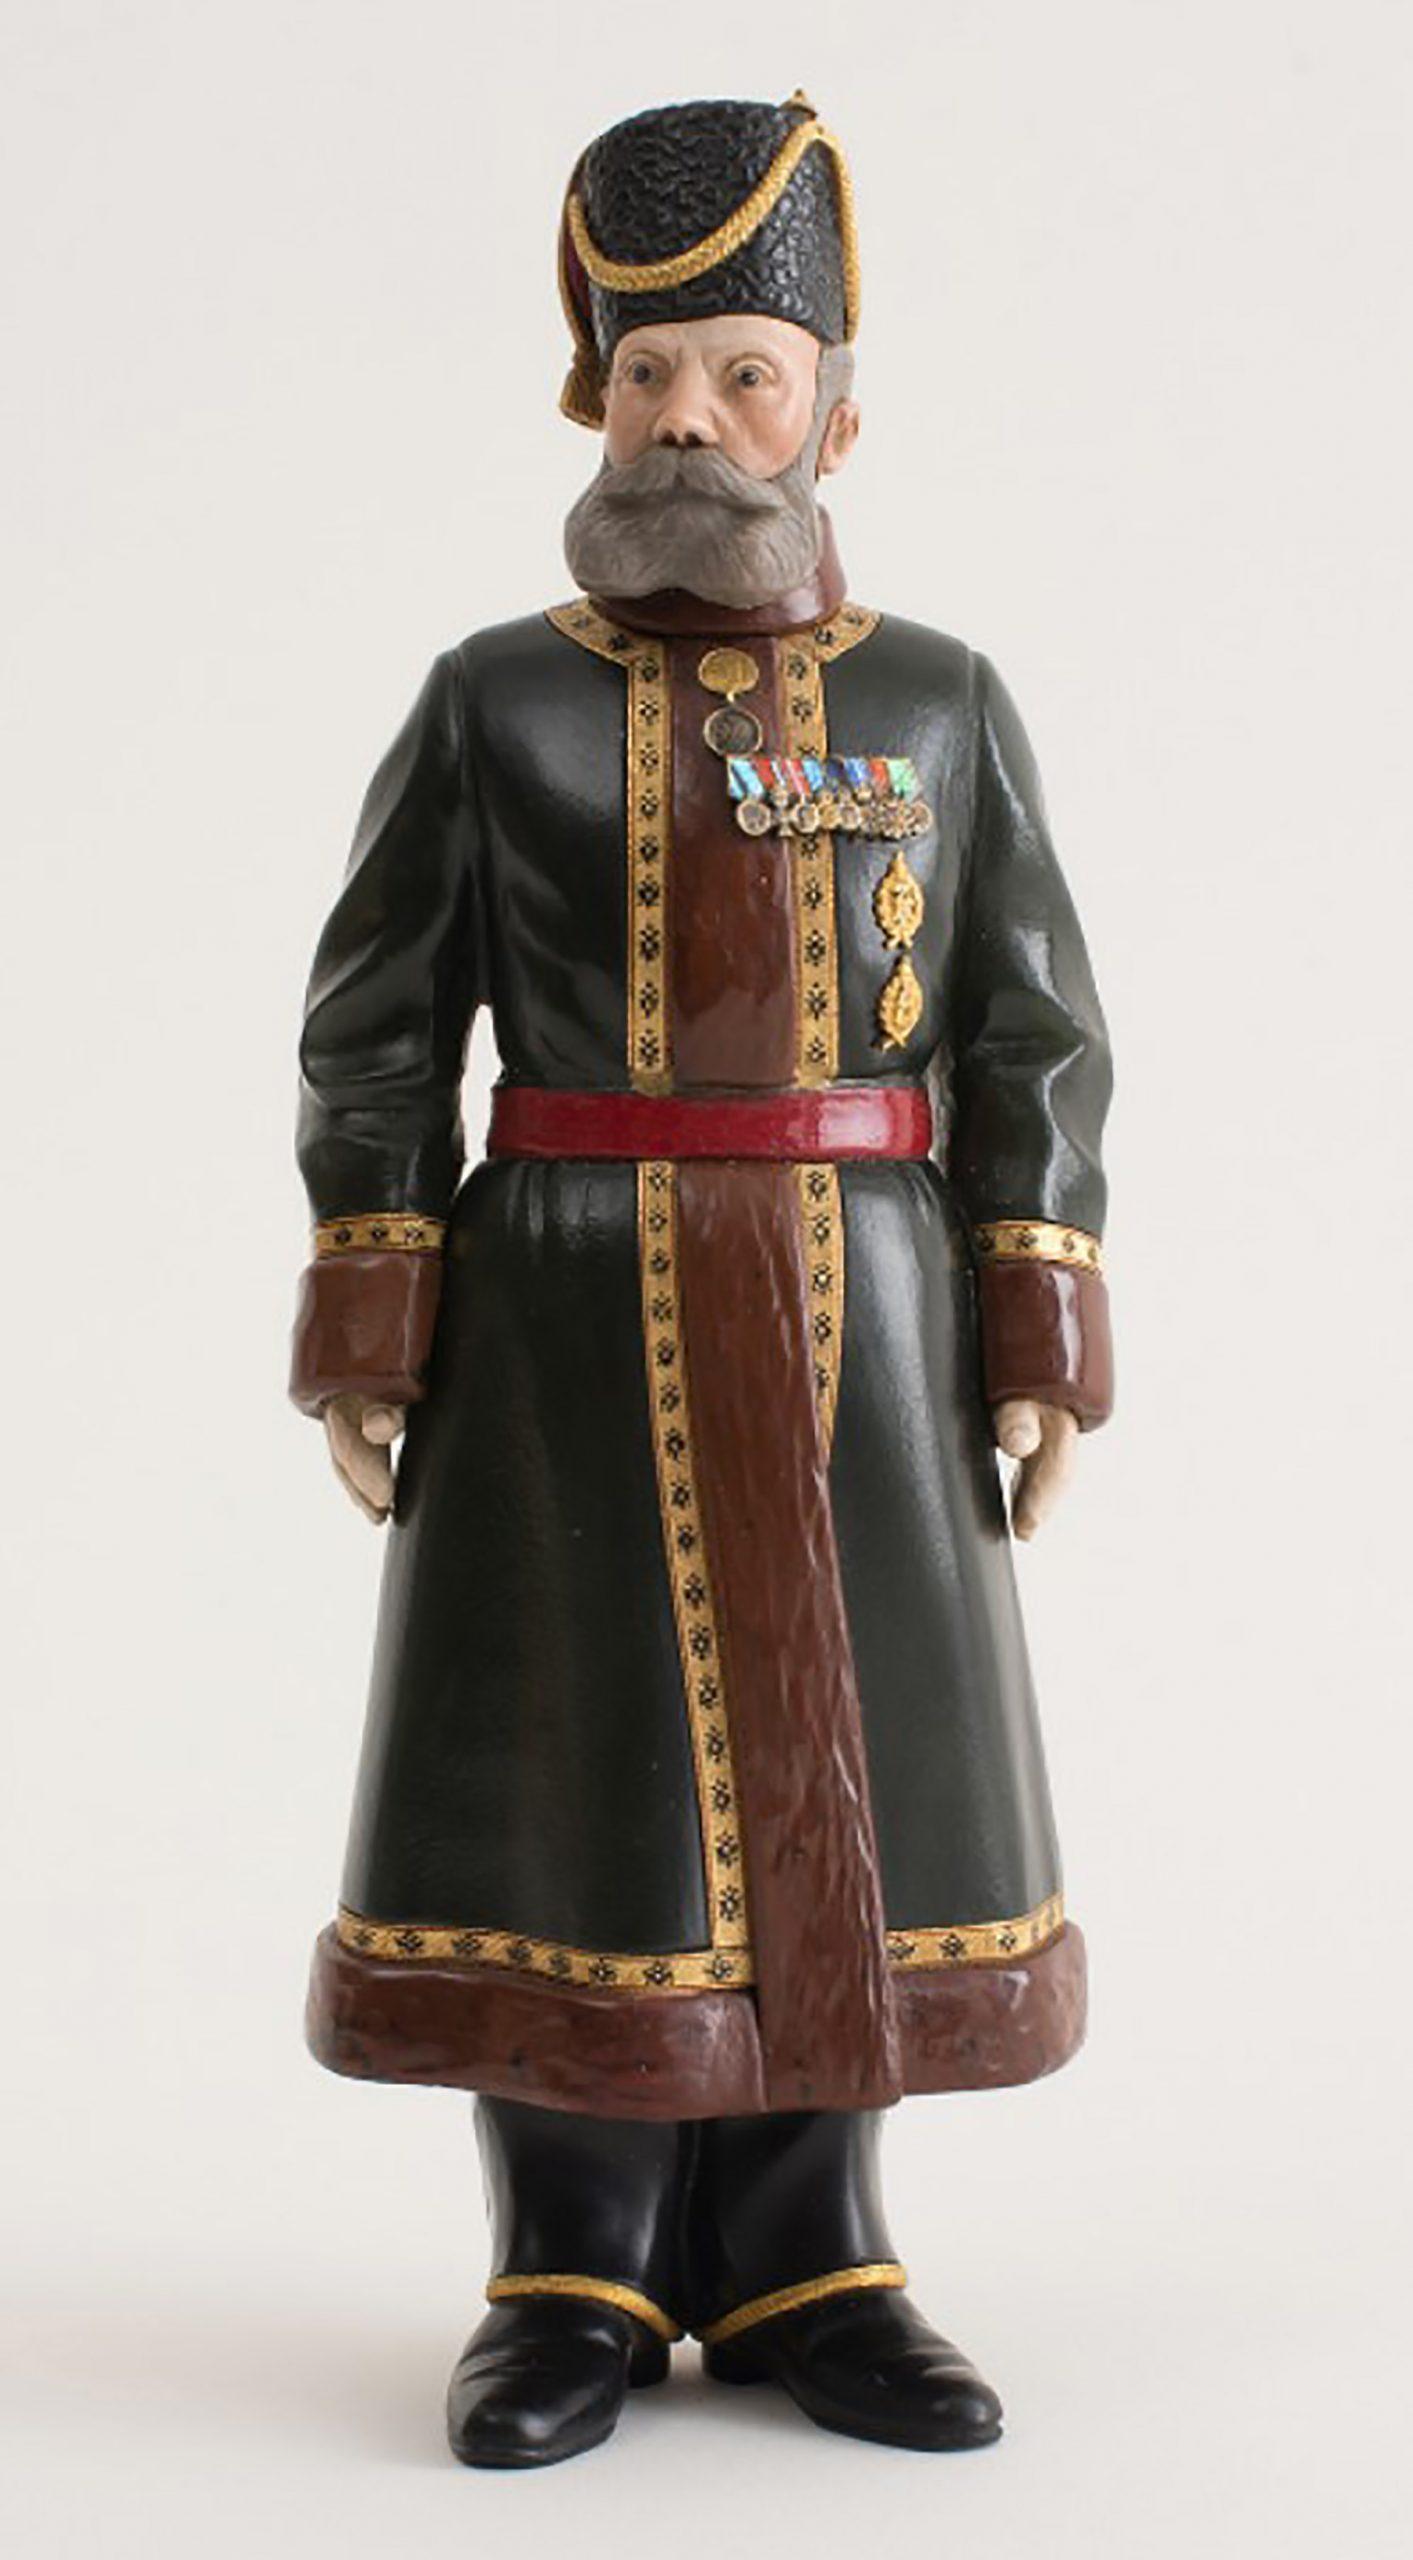 Fabergé figure of a Cossack Bodyguard